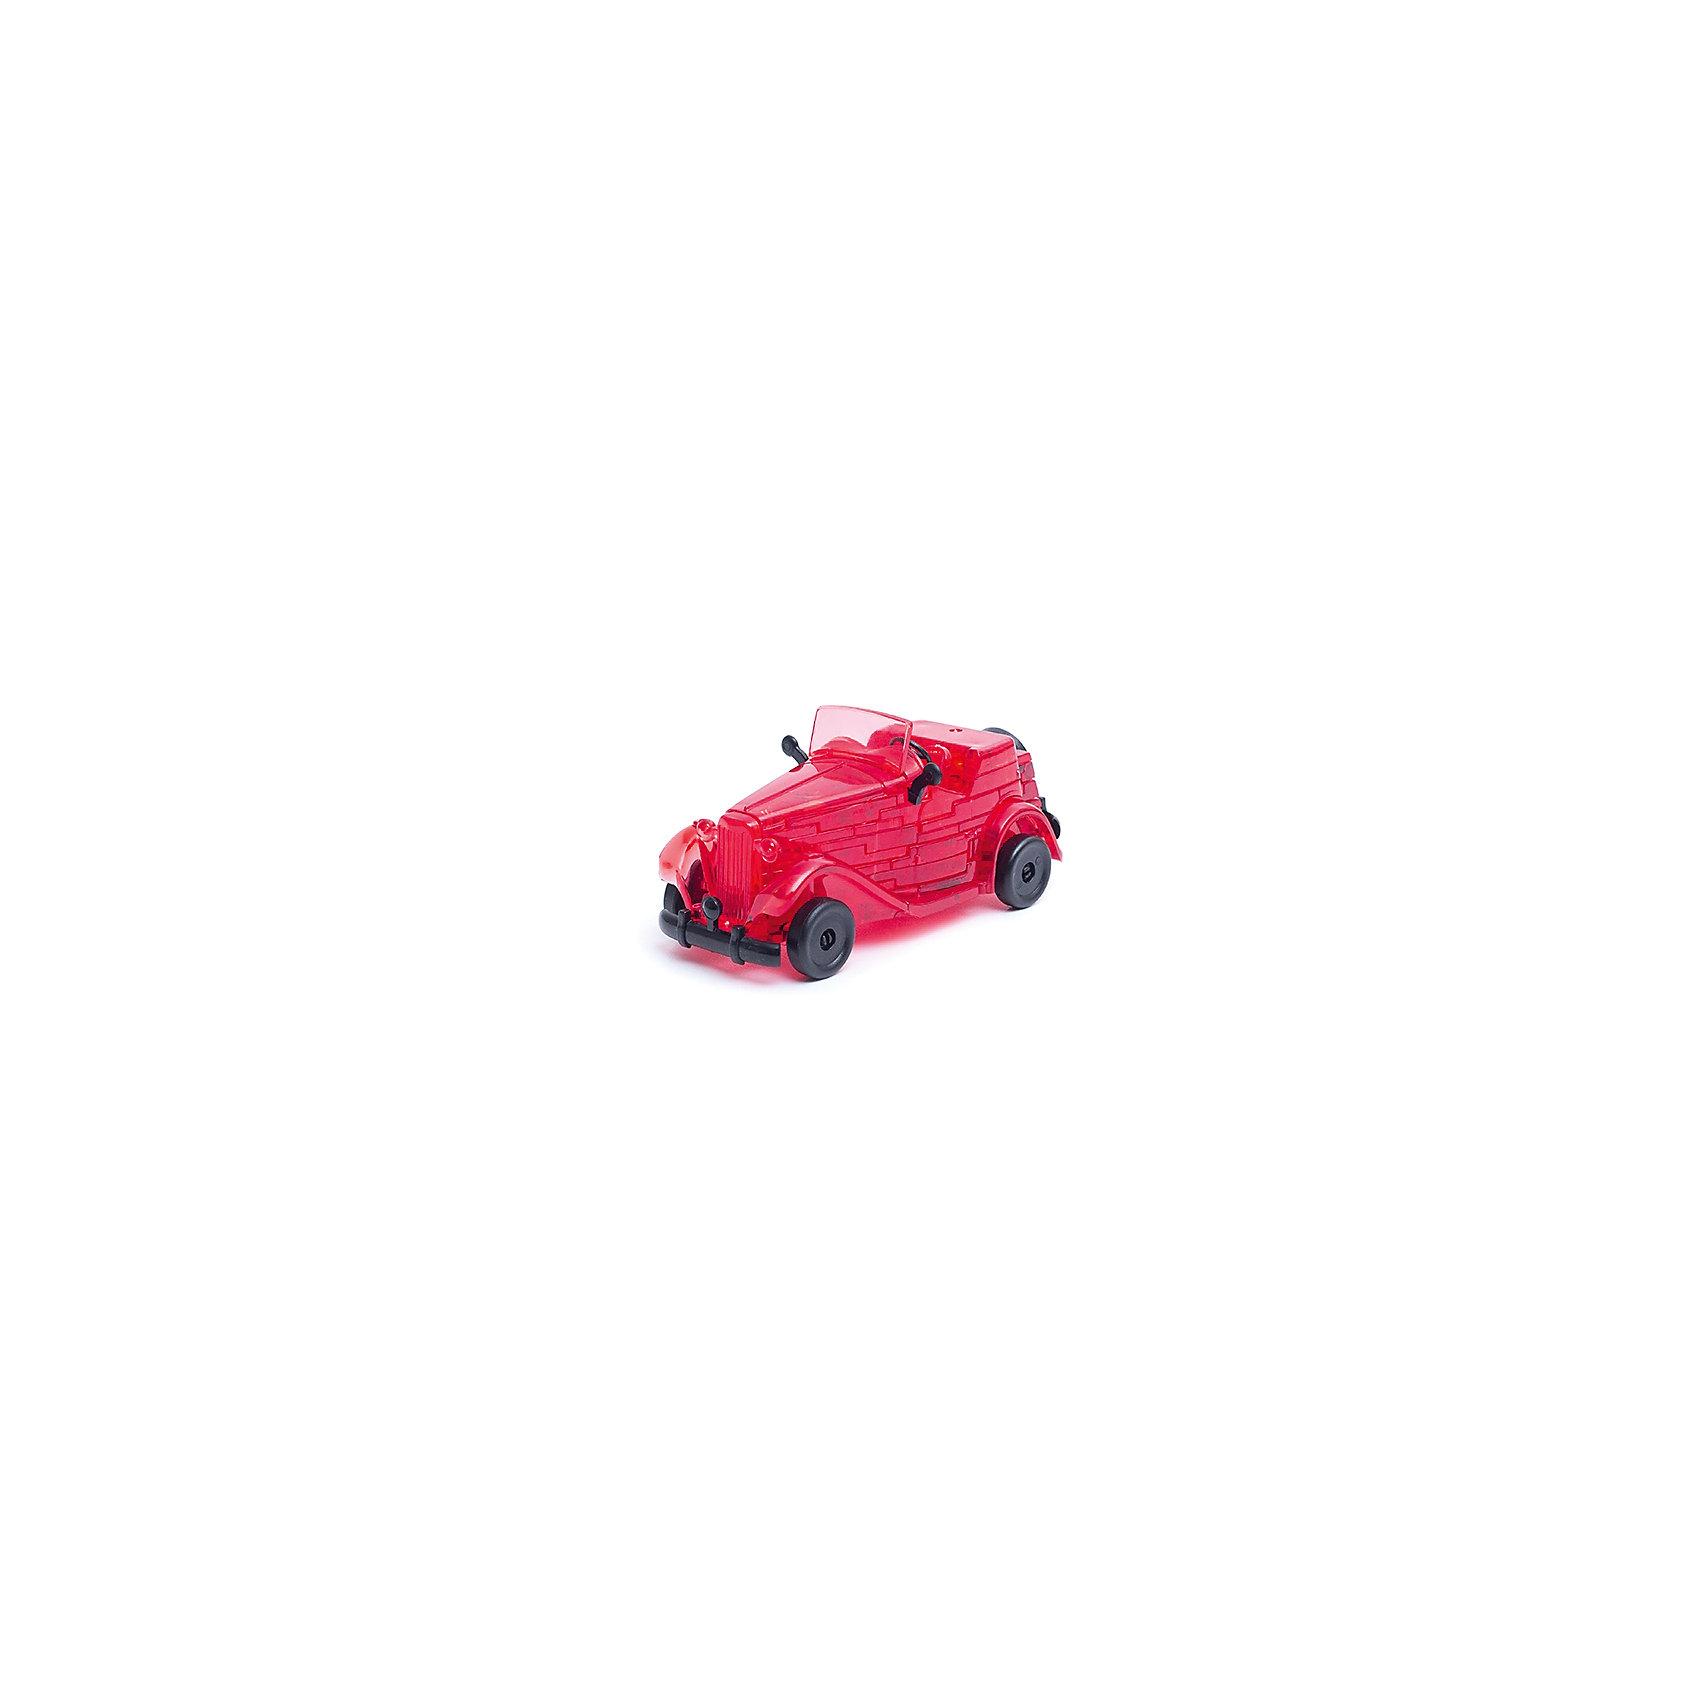 Кристаллический пазл 3D Красный автомобиль, Crystal PuzzleКристаллический пазл 3D Красный автомобиль, Crystal Puzzle (Кристал Пазл)<br><br>Характеристики:<br><br>• яркий объемный пазл<br>• размер готовой фигурки: 9 см<br>• количество деталей: 53<br>• высокая сложность<br>• размер упаковки: 5х14х10 см<br>• вес: 160 грамм<br>• материал: пластик<br><br>Кристаллический пазл 3D Красный автомобиль от Crystal Puzzle - очень увлекательная головоломка. Вам обязательно придется поломать голову, чтобы собрать сверкающий ретро-автомобиль. В комплект входят 53 детали, в том числе мелкие. Детали пронумерованы, а их номера нужны для правильной сборки по инструкции. Любители сложных головоломок могут попробовать собрать фигурку, не прибегая к помощи инструкции. Готовый автомобиль станет прекрасным украшением комнаты или приятным сувениром для друзей.<br>Собирание пазлов способствует развитию логического мышления, внимательности, усидчивости и пространственного мышления.<br><br>Кристаллический пазл 3D Красный автомобиль, Crystal Puzzle (Кристал Пазл) вы можете купить в нашем интернет-магазине.<br><br>Ширина мм: 100<br>Глубина мм: 140<br>Высота мм: 50<br>Вес г: 160<br>Возраст от месяцев: 120<br>Возраст до месяцев: 2147483647<br>Пол: Мужской<br>Возраст: Детский<br>SKU: 5397230